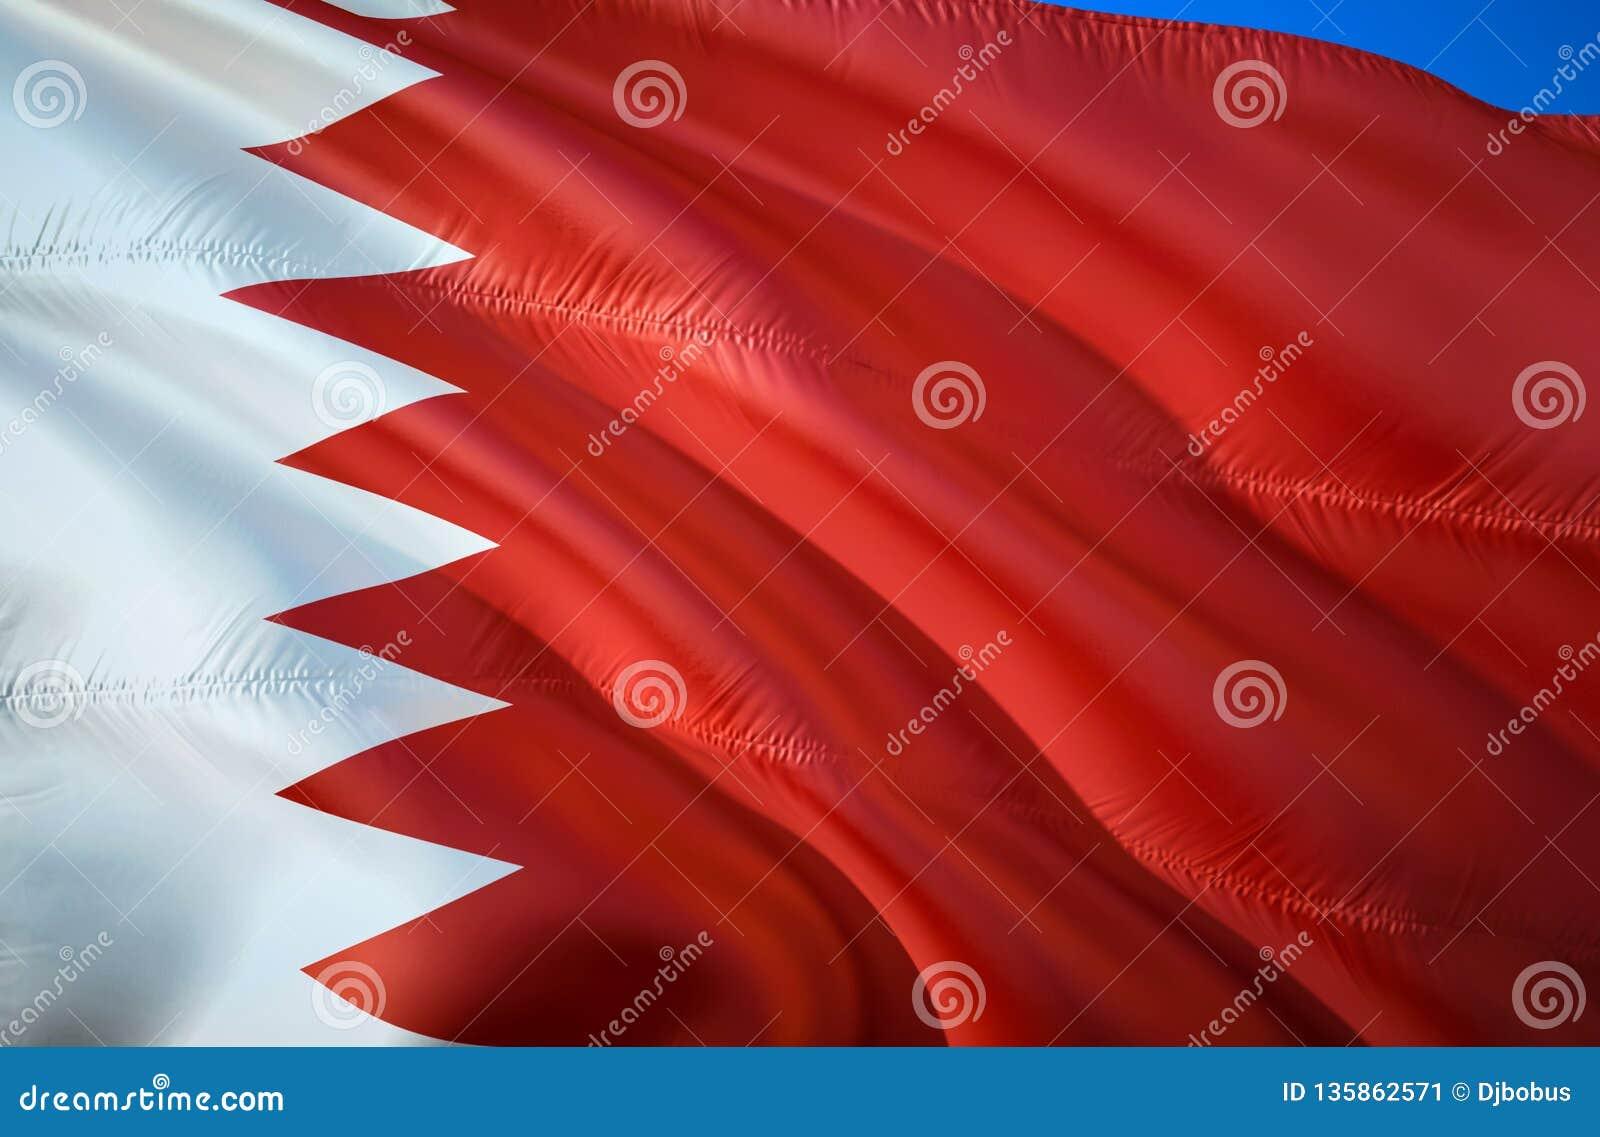 Drapeau du Bahrain conception de ondulation du drapeau 3D Le symbole national du Bahrain, rendu 3D Couleurs nationales de signe d